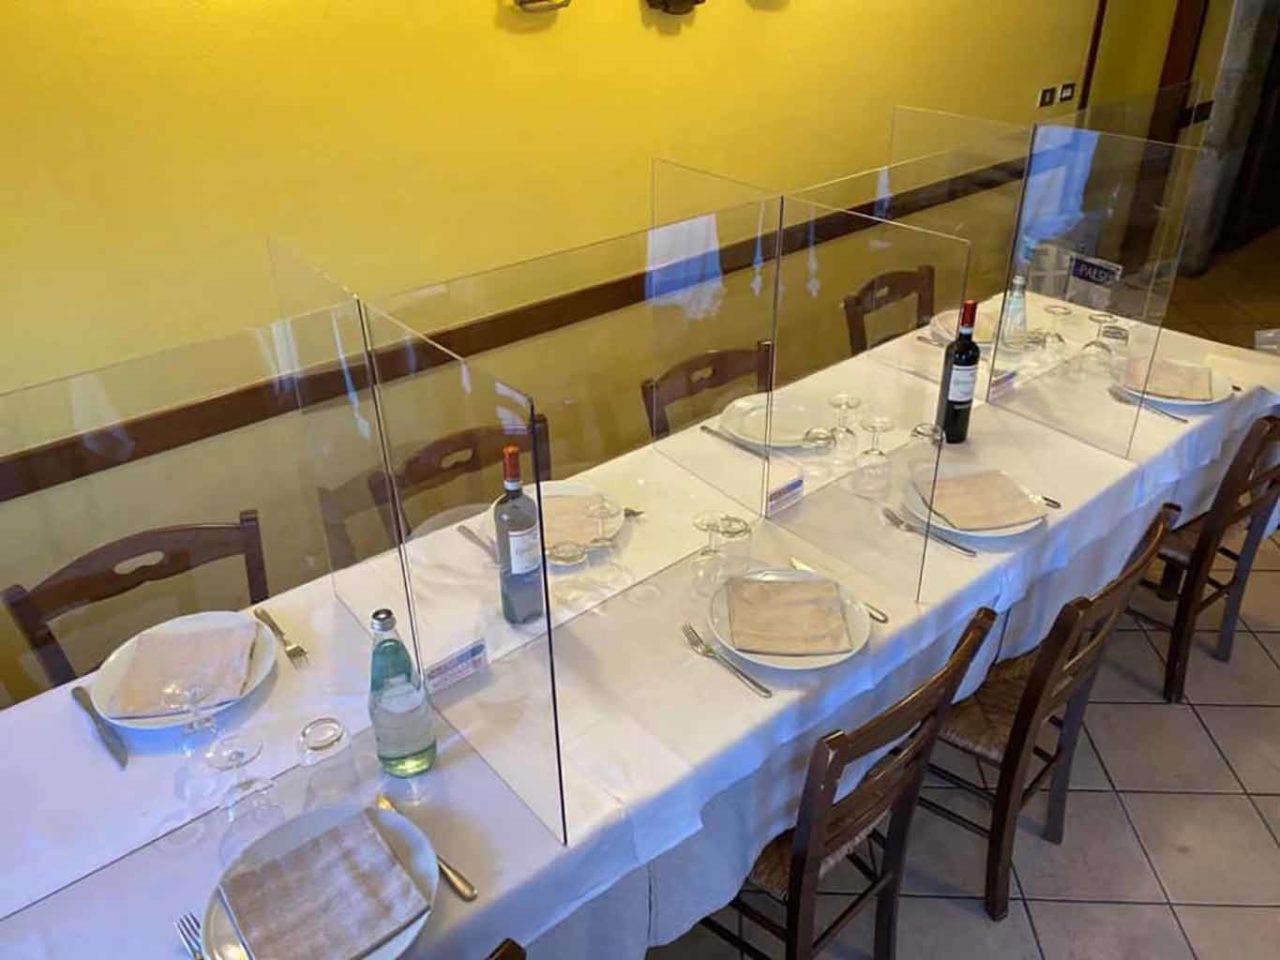 misure anti contagio nei ristoranti